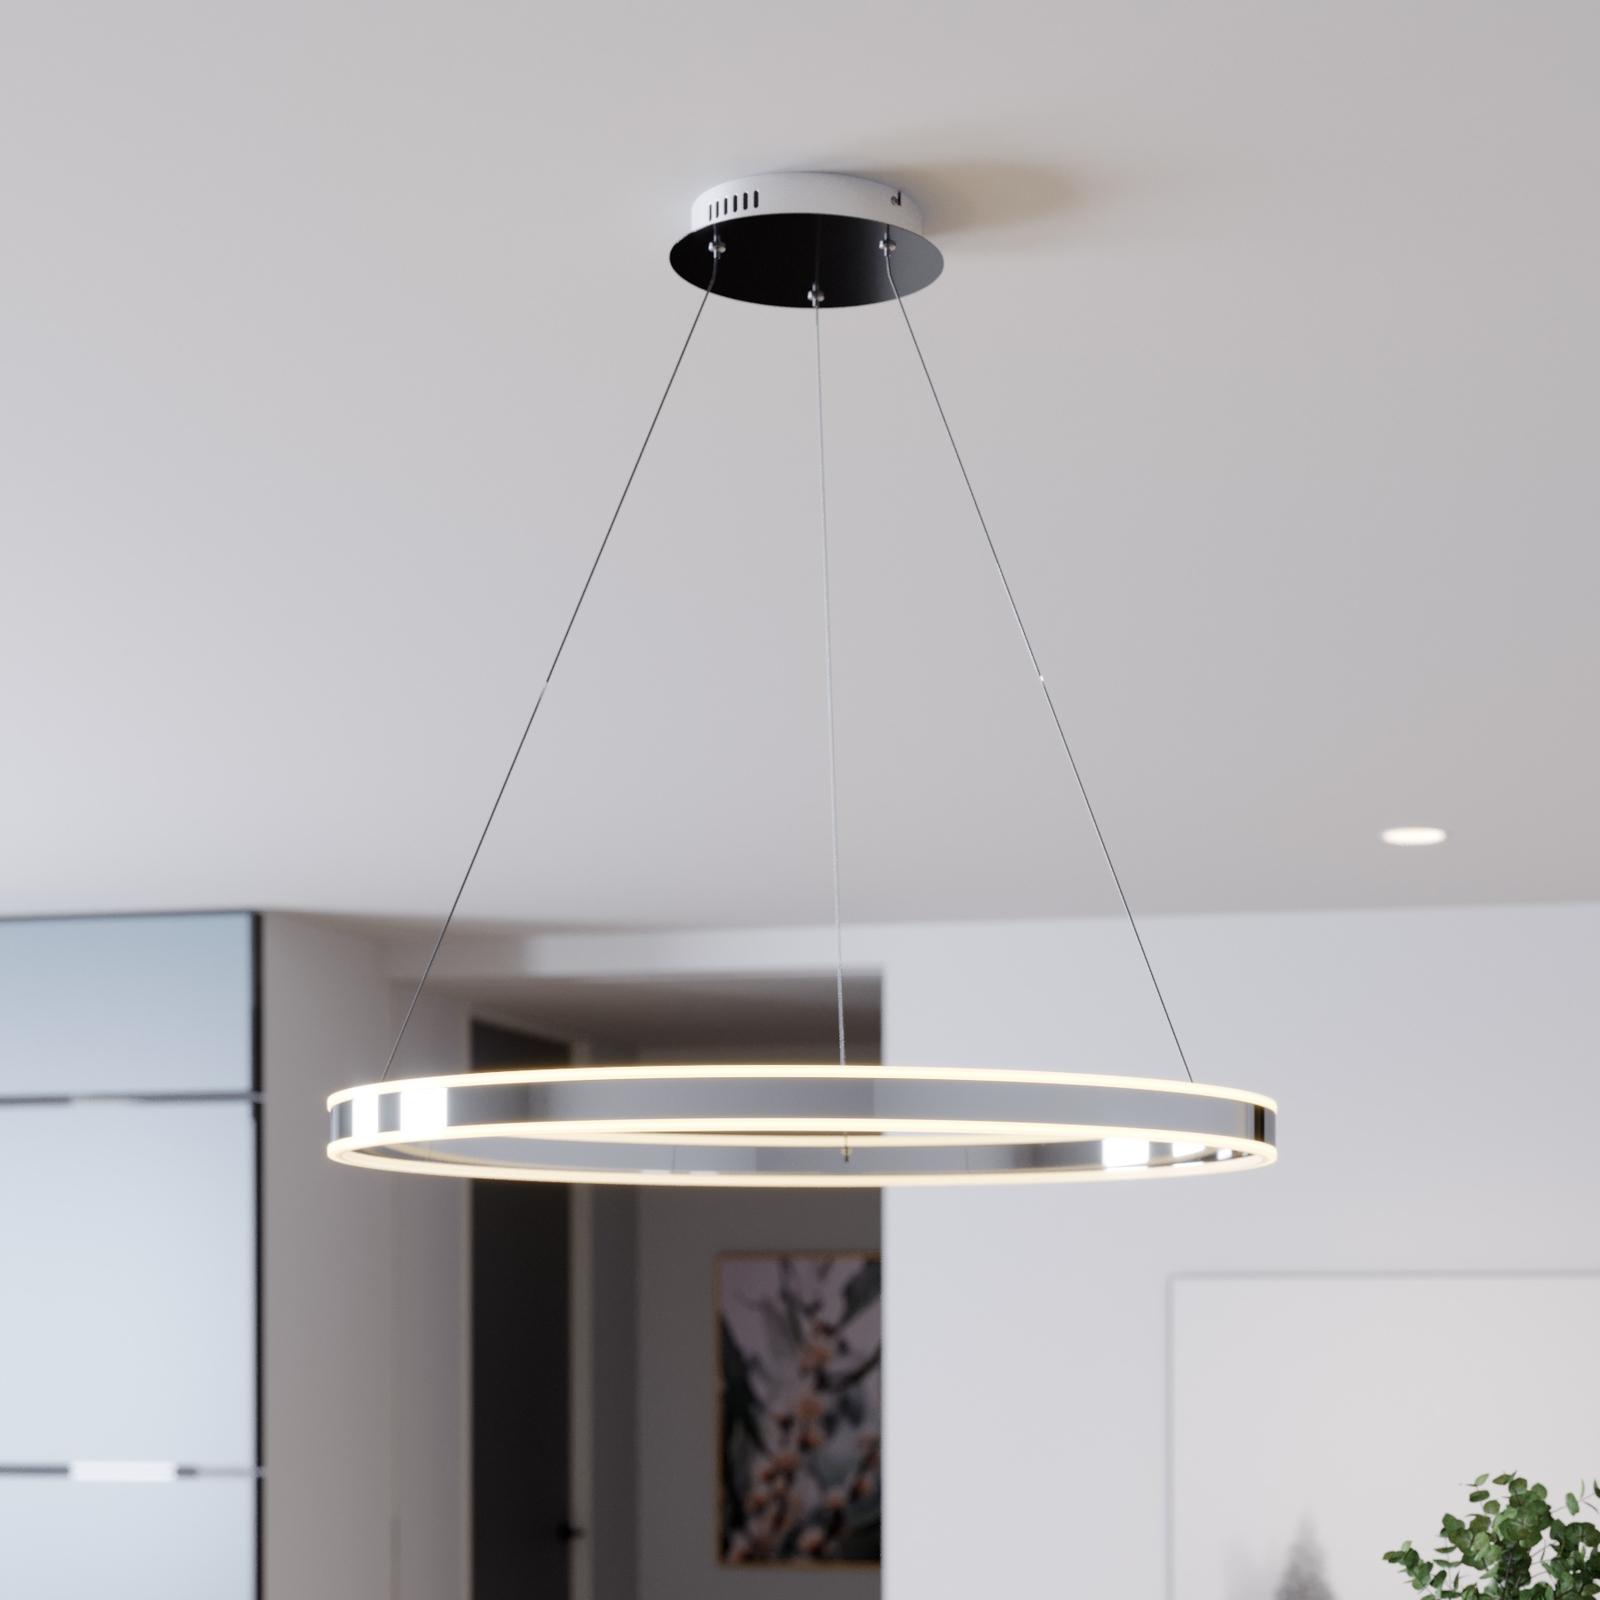 Lampa wisząca LED Lyani chrom, ściemniana, 80 cm